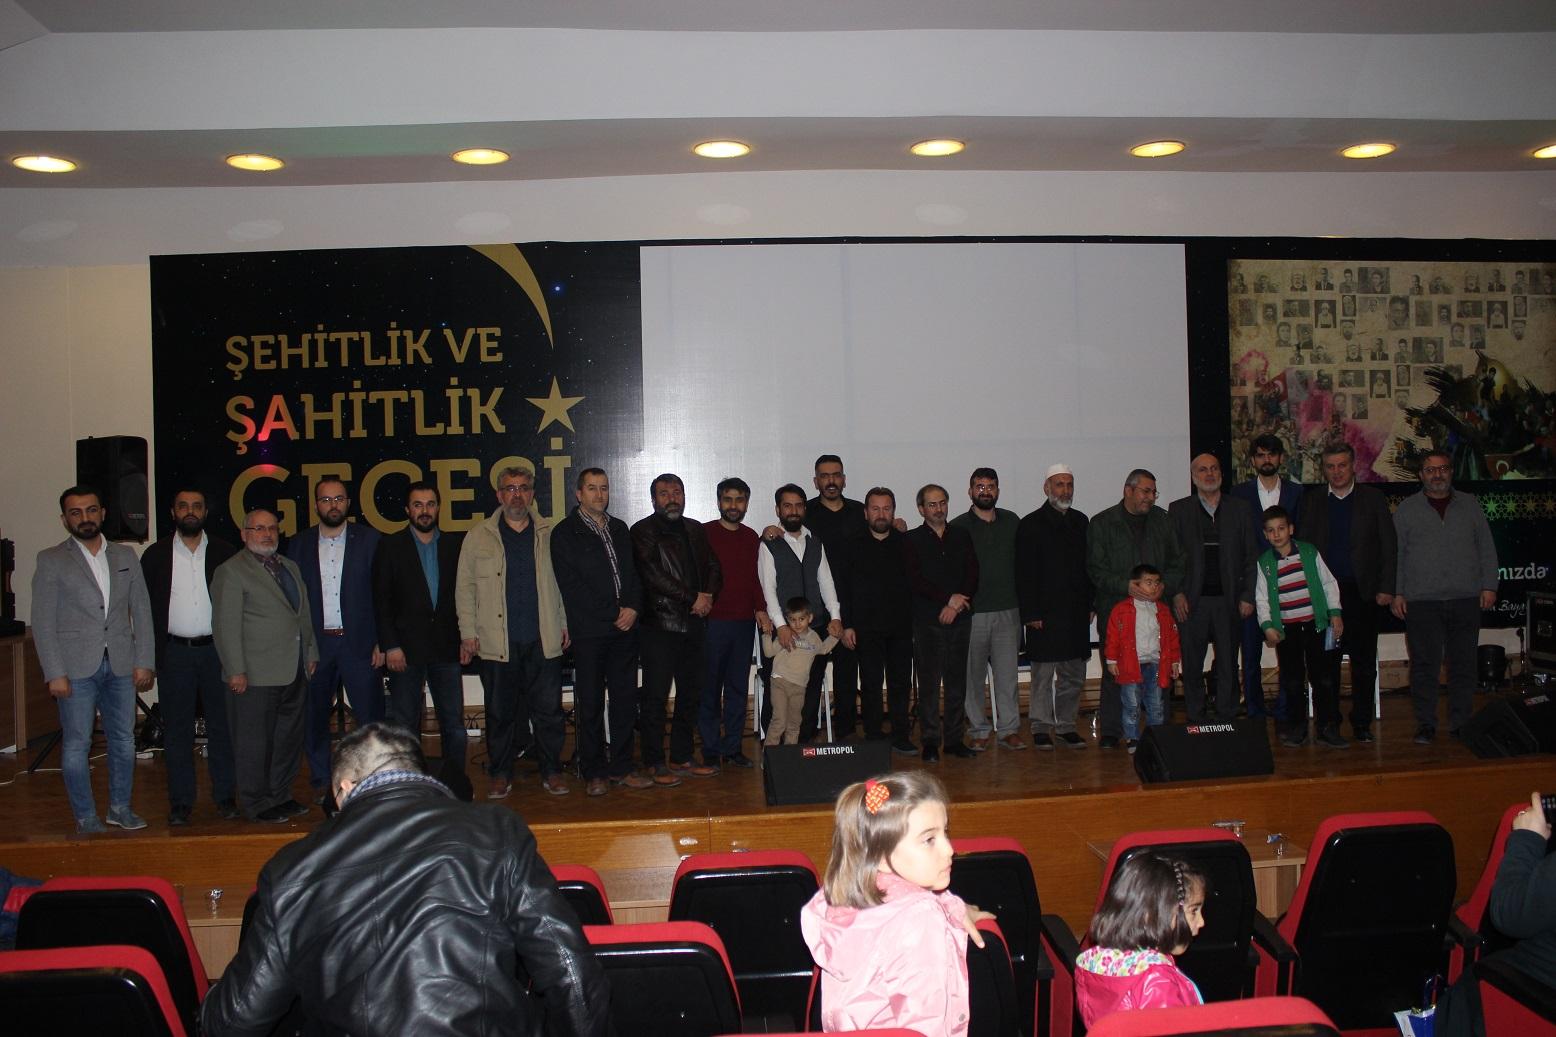 İMH Konya'dan Şehitlik ve Şahitlik Gecesi